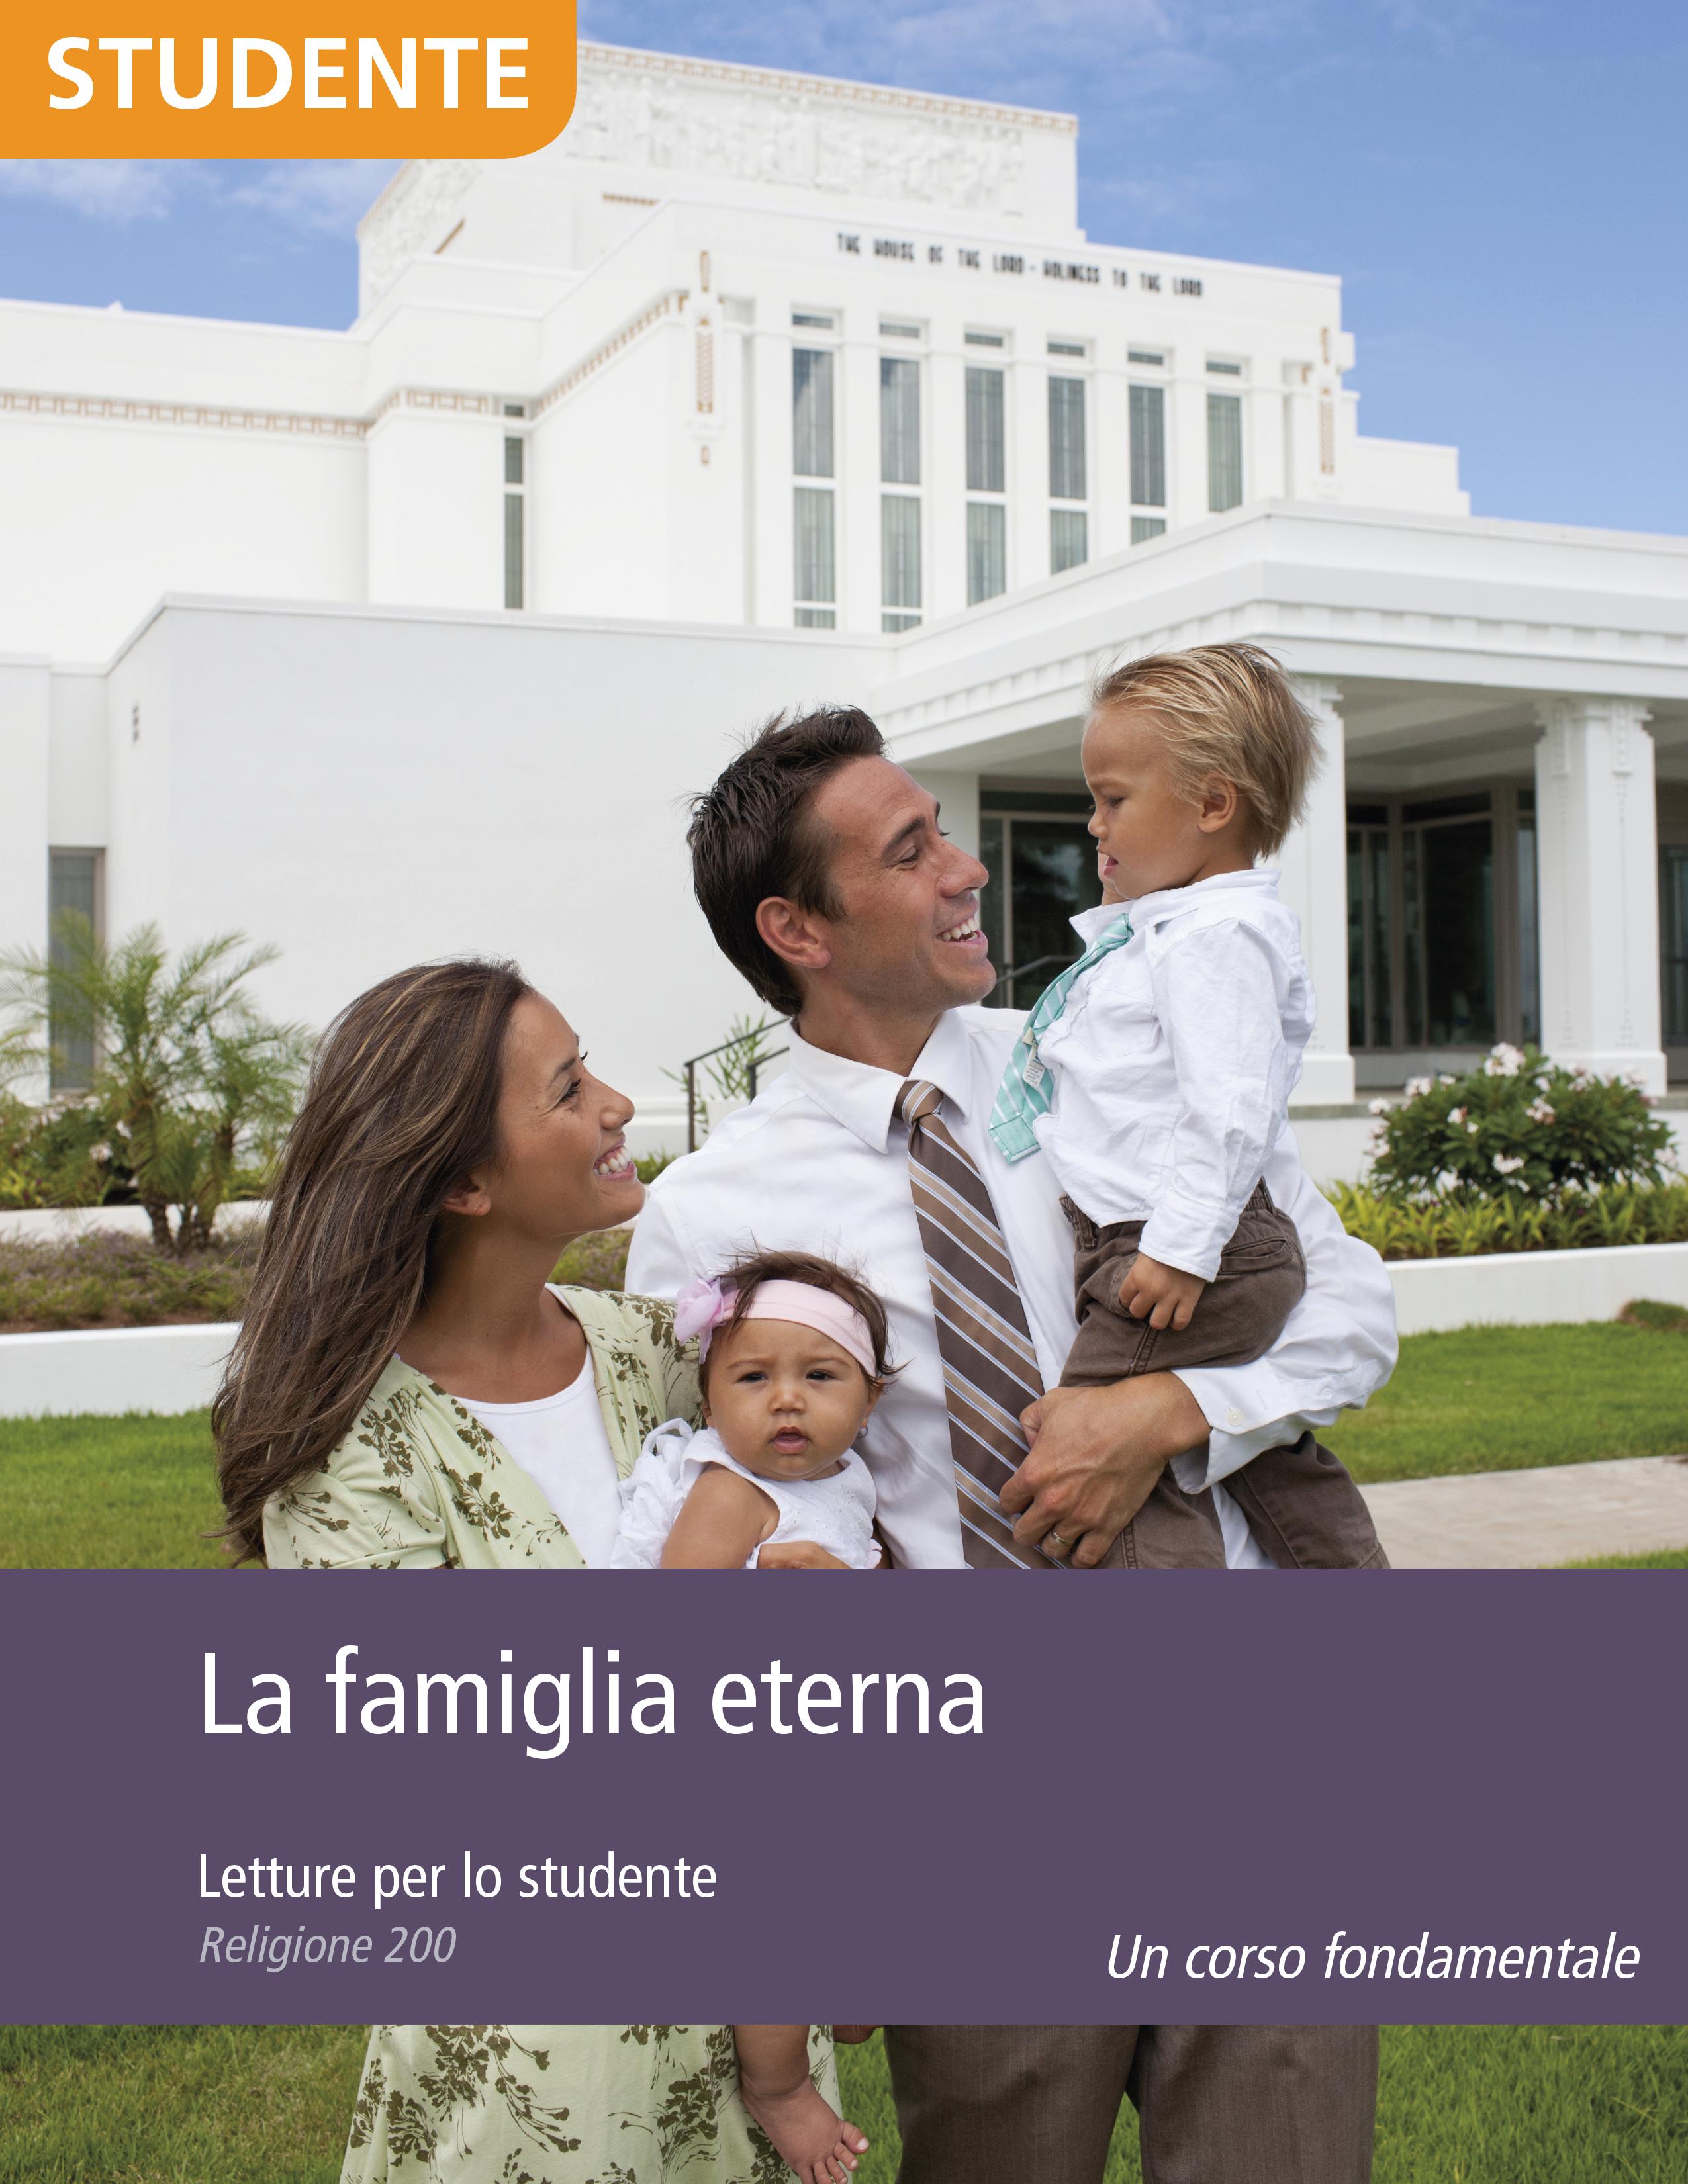 La famiglia eterna – Letture per gli studenti (Religione 200)